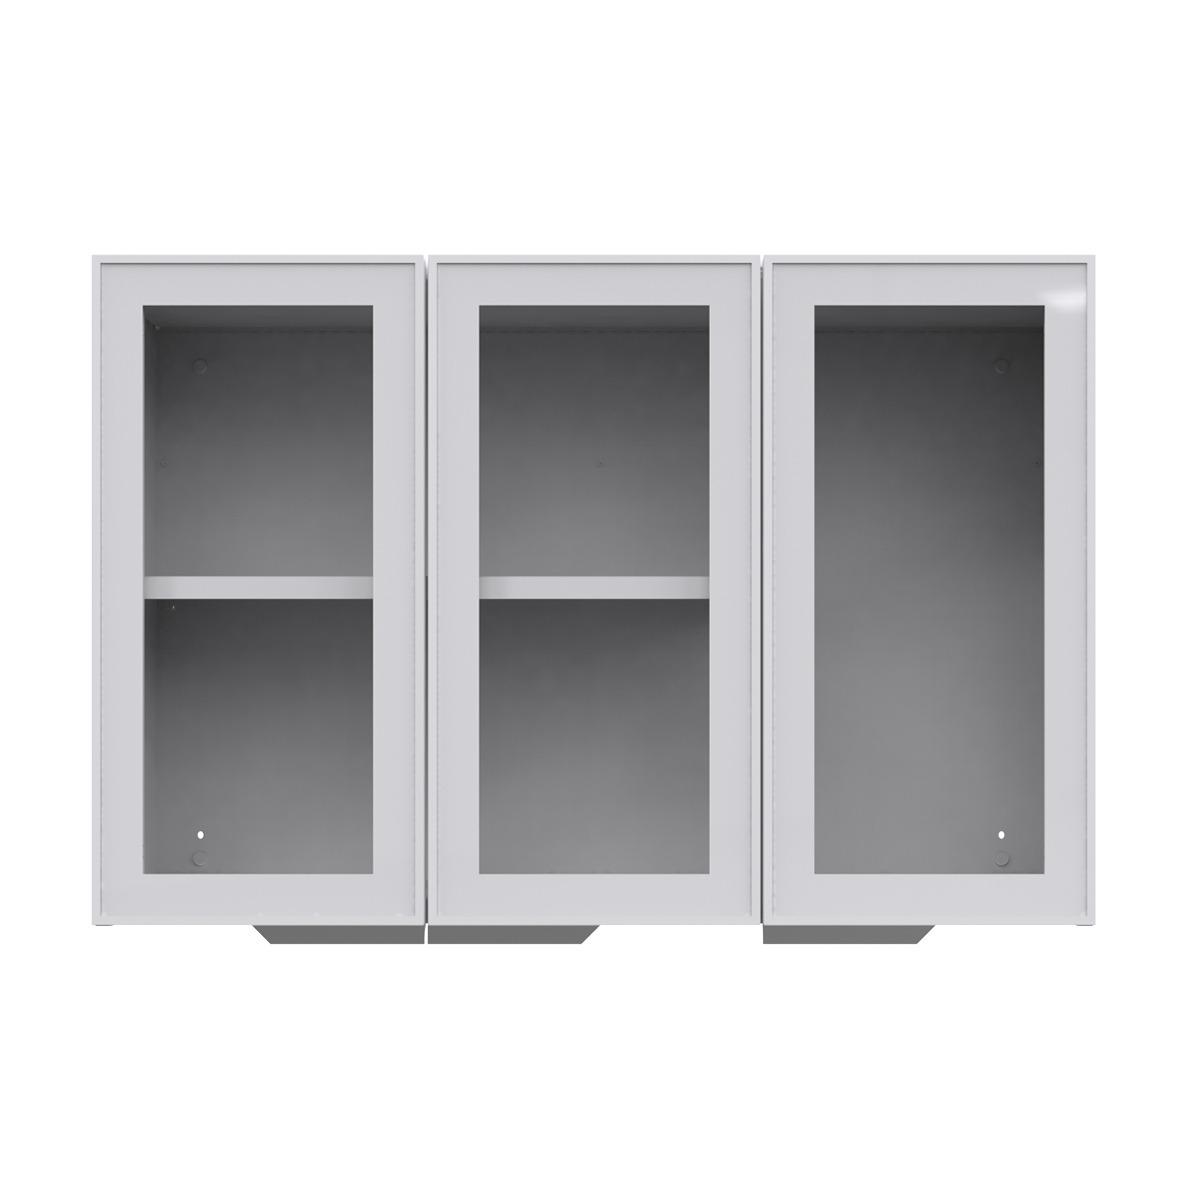 Armário de Cozinha Aéreo Colormaq Roma 3 Portas 70,5x105cm em Aço e Vidro